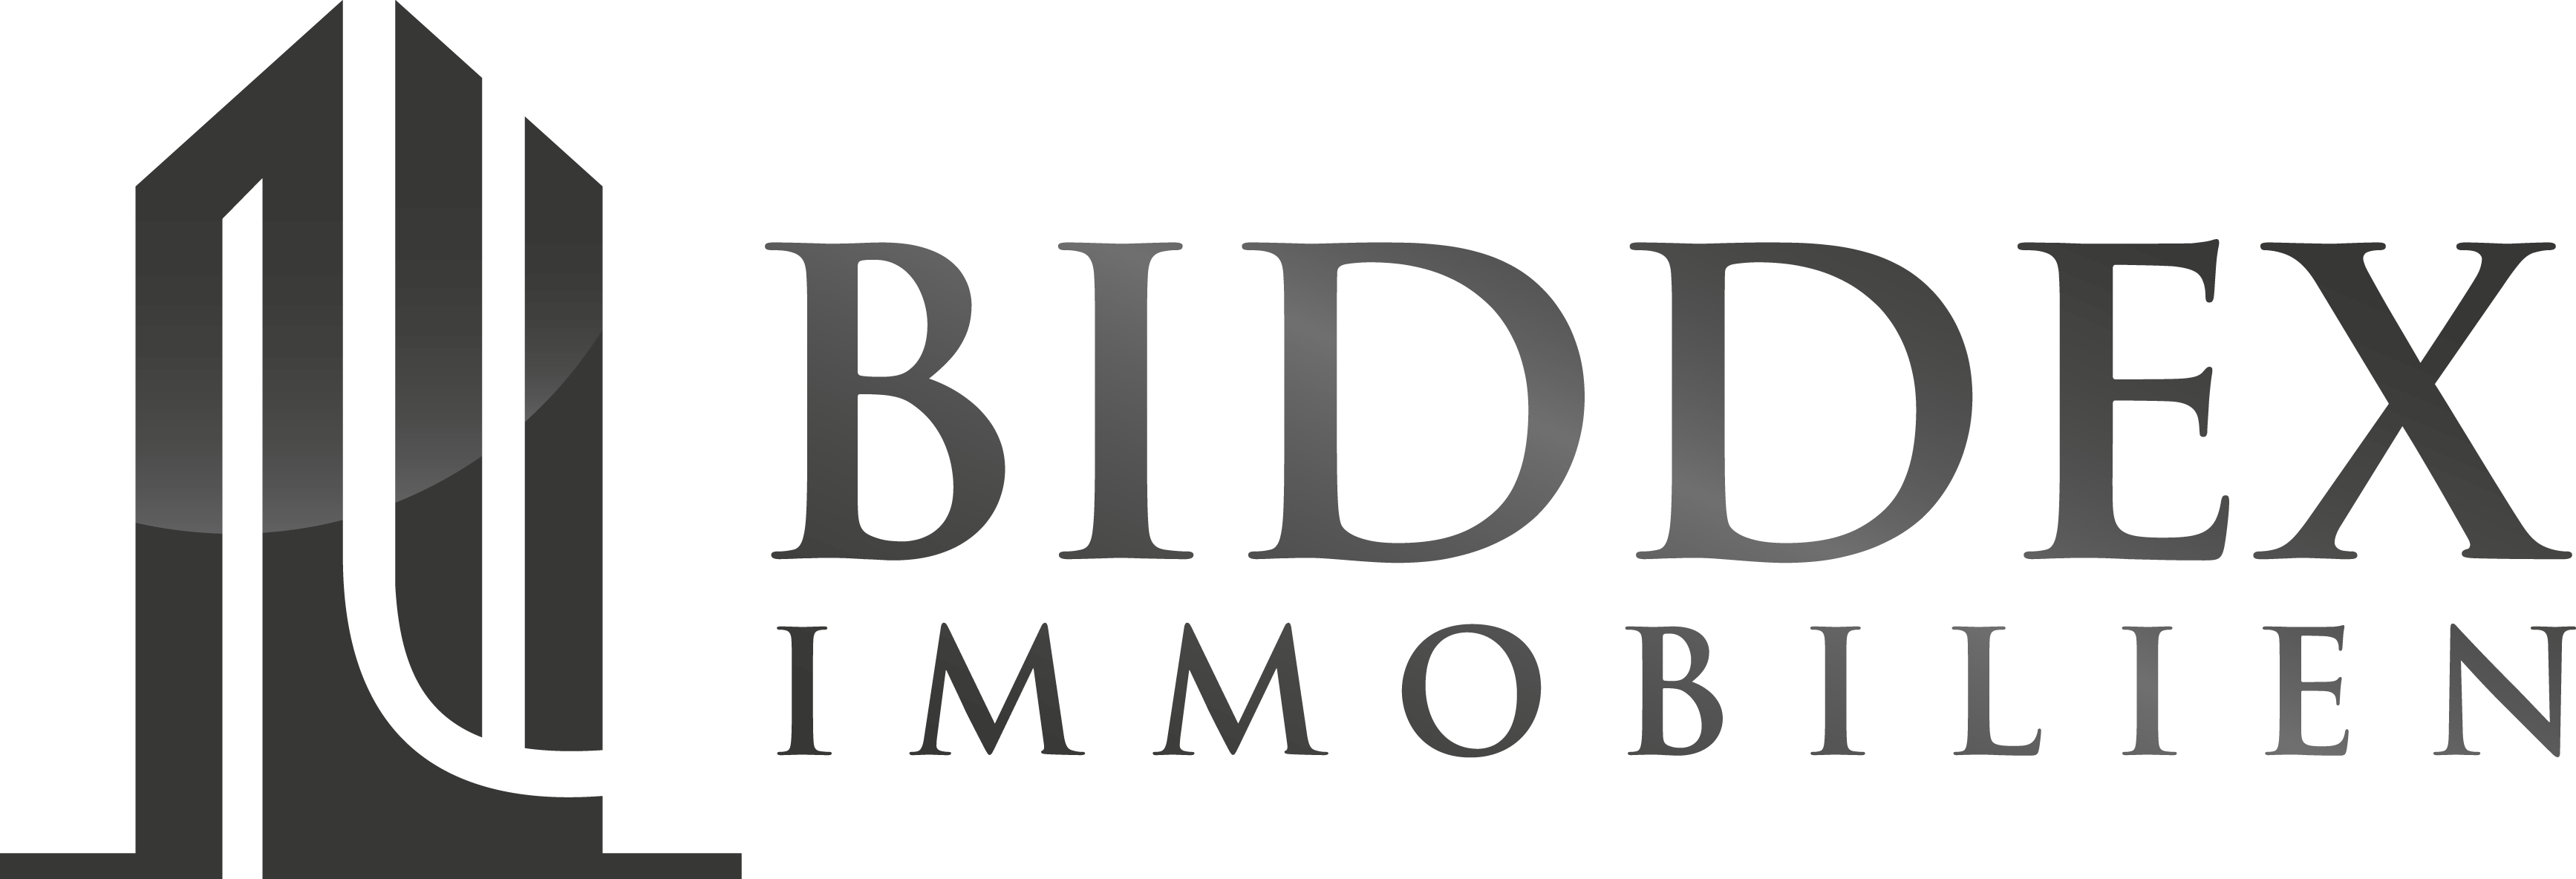 Ihr Immobilienmakler In Berlin Biddex Immobiliengesellschaft Mbh